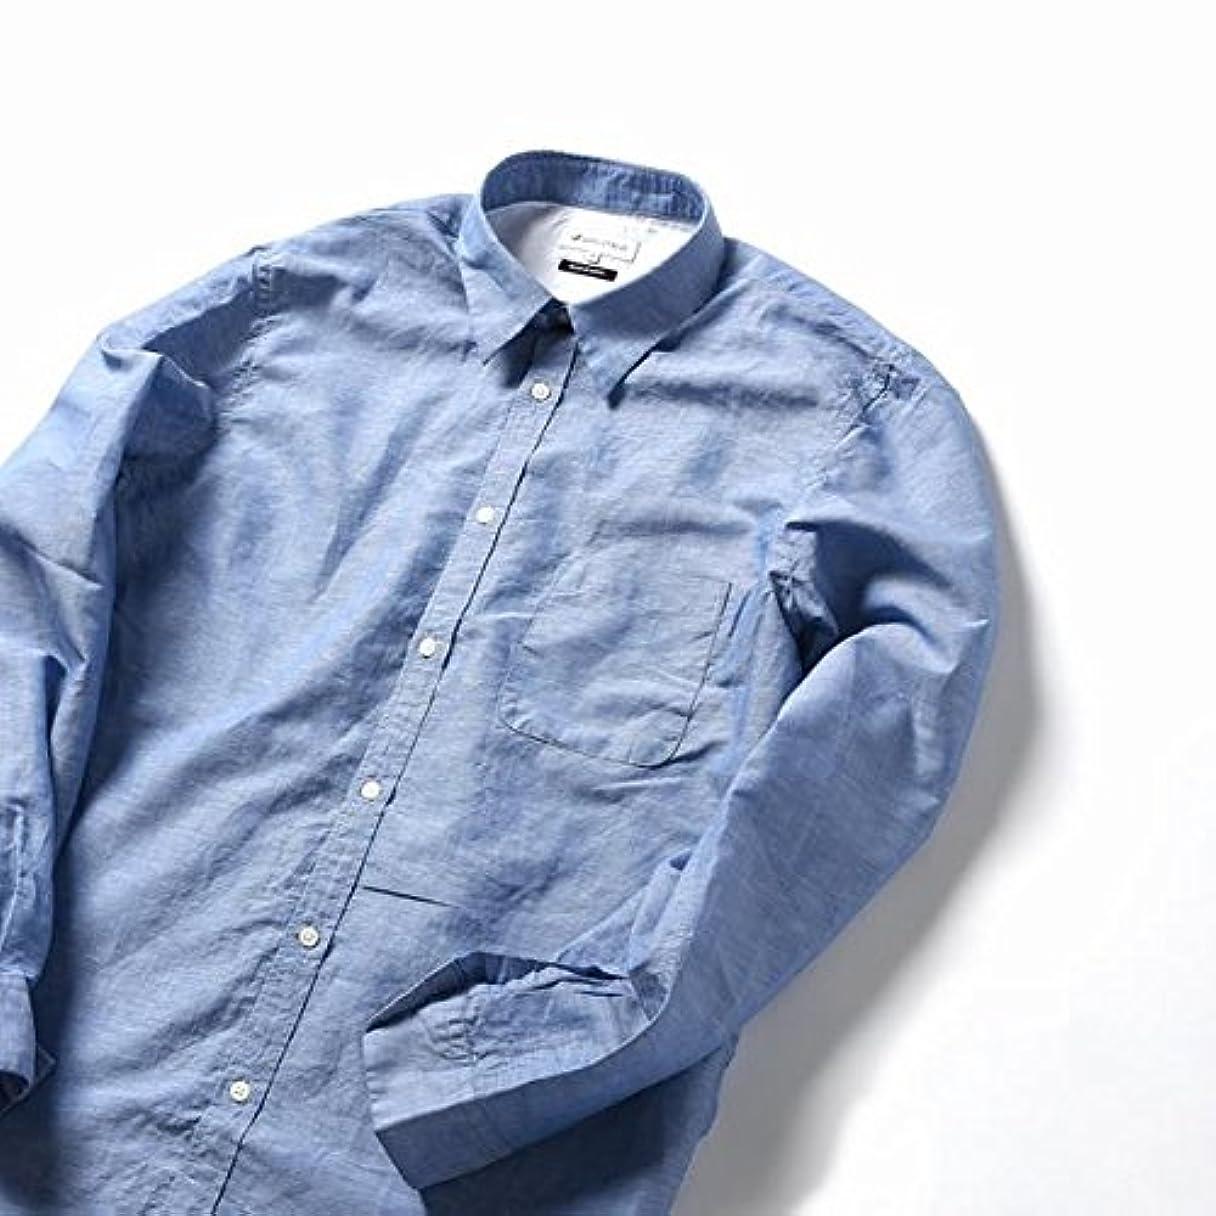 想定賞賛ピービッシュシップス ジェットブルー(SHIPS JET BLUE) SHIPS JET BLUE: コットン×リネン レギュラーカラーシャツ